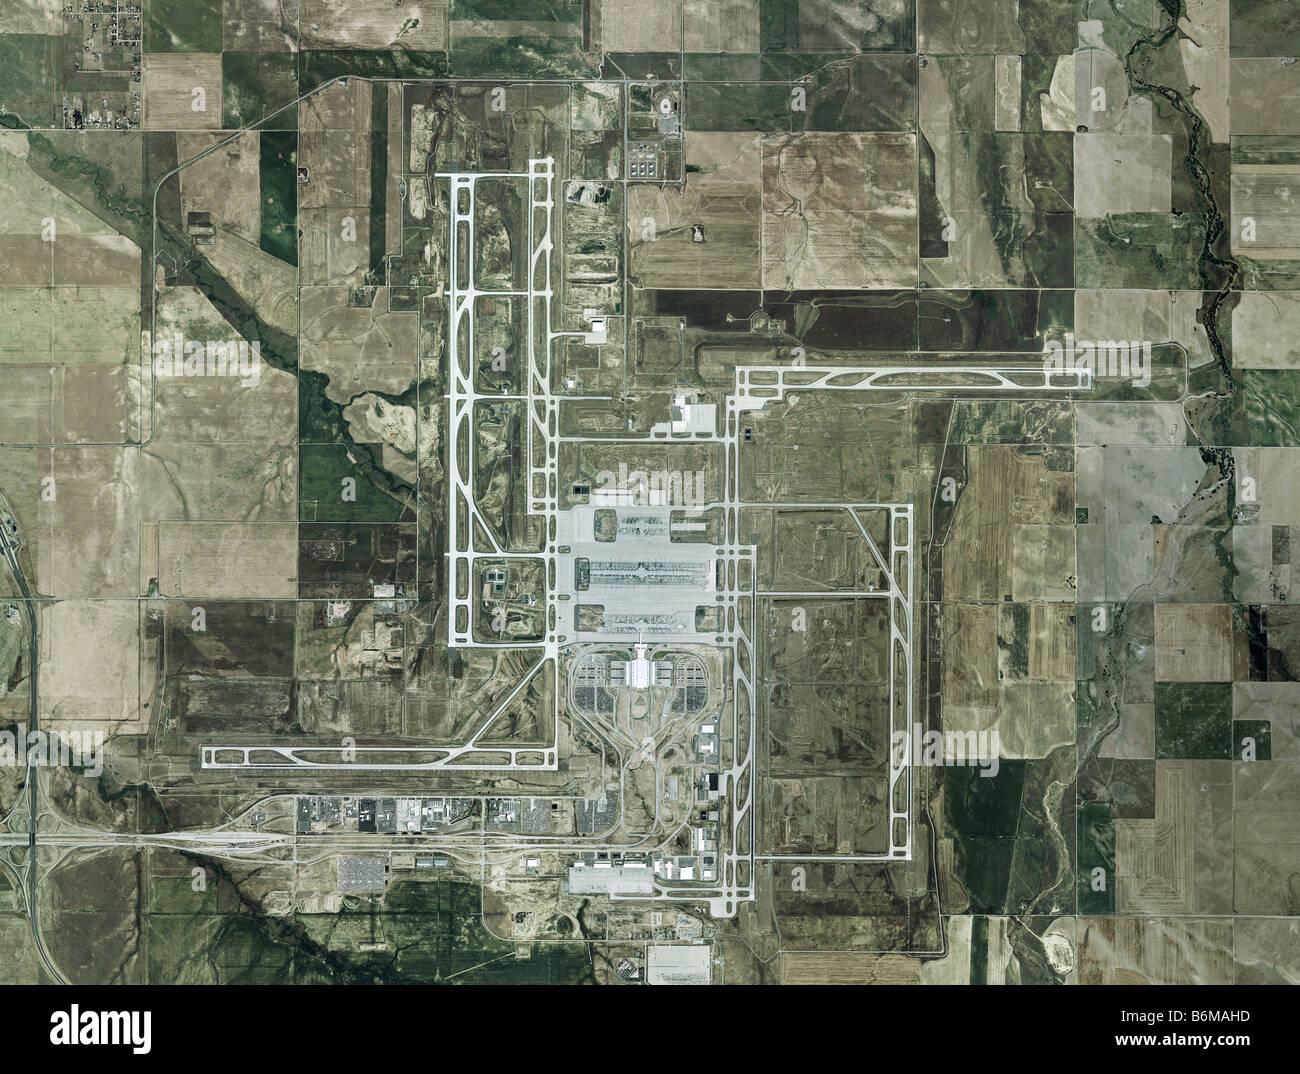 Luftbildkarte der Denver International Airport KDEN größte ...